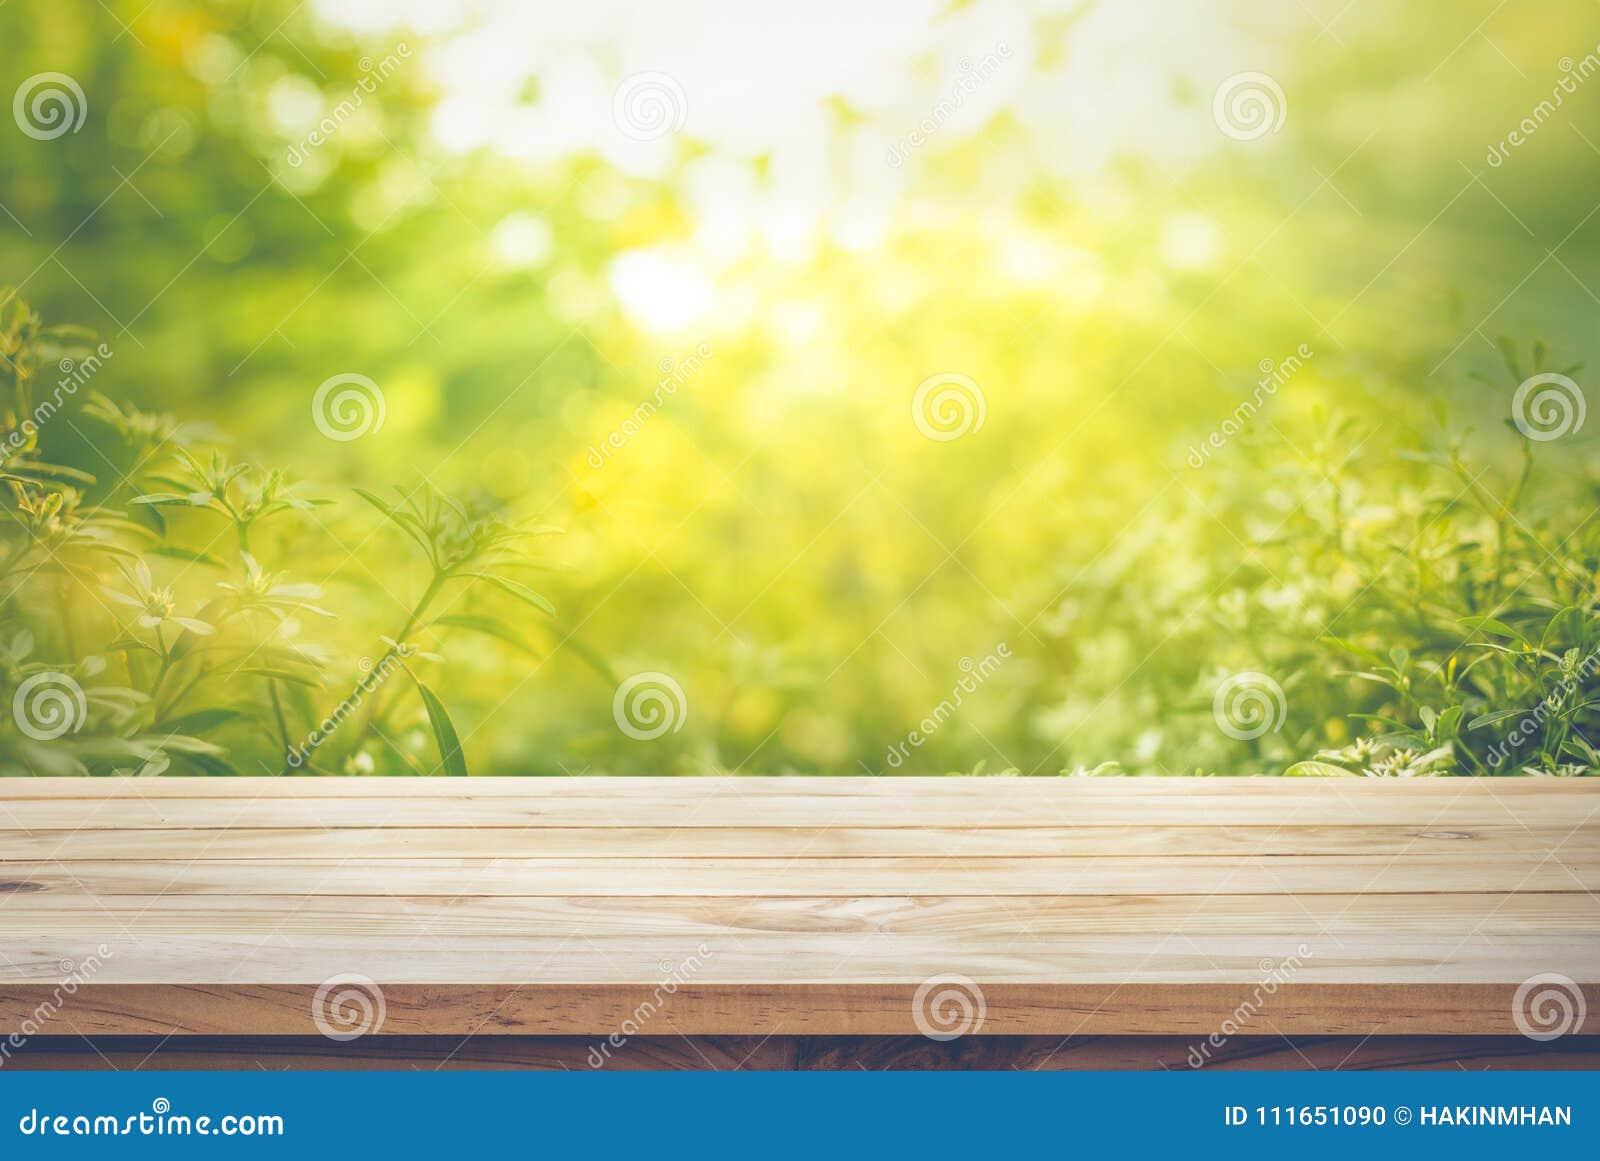 Опорожните деревянной столешницы на нерезкости свежего зеленого конспекта от сада